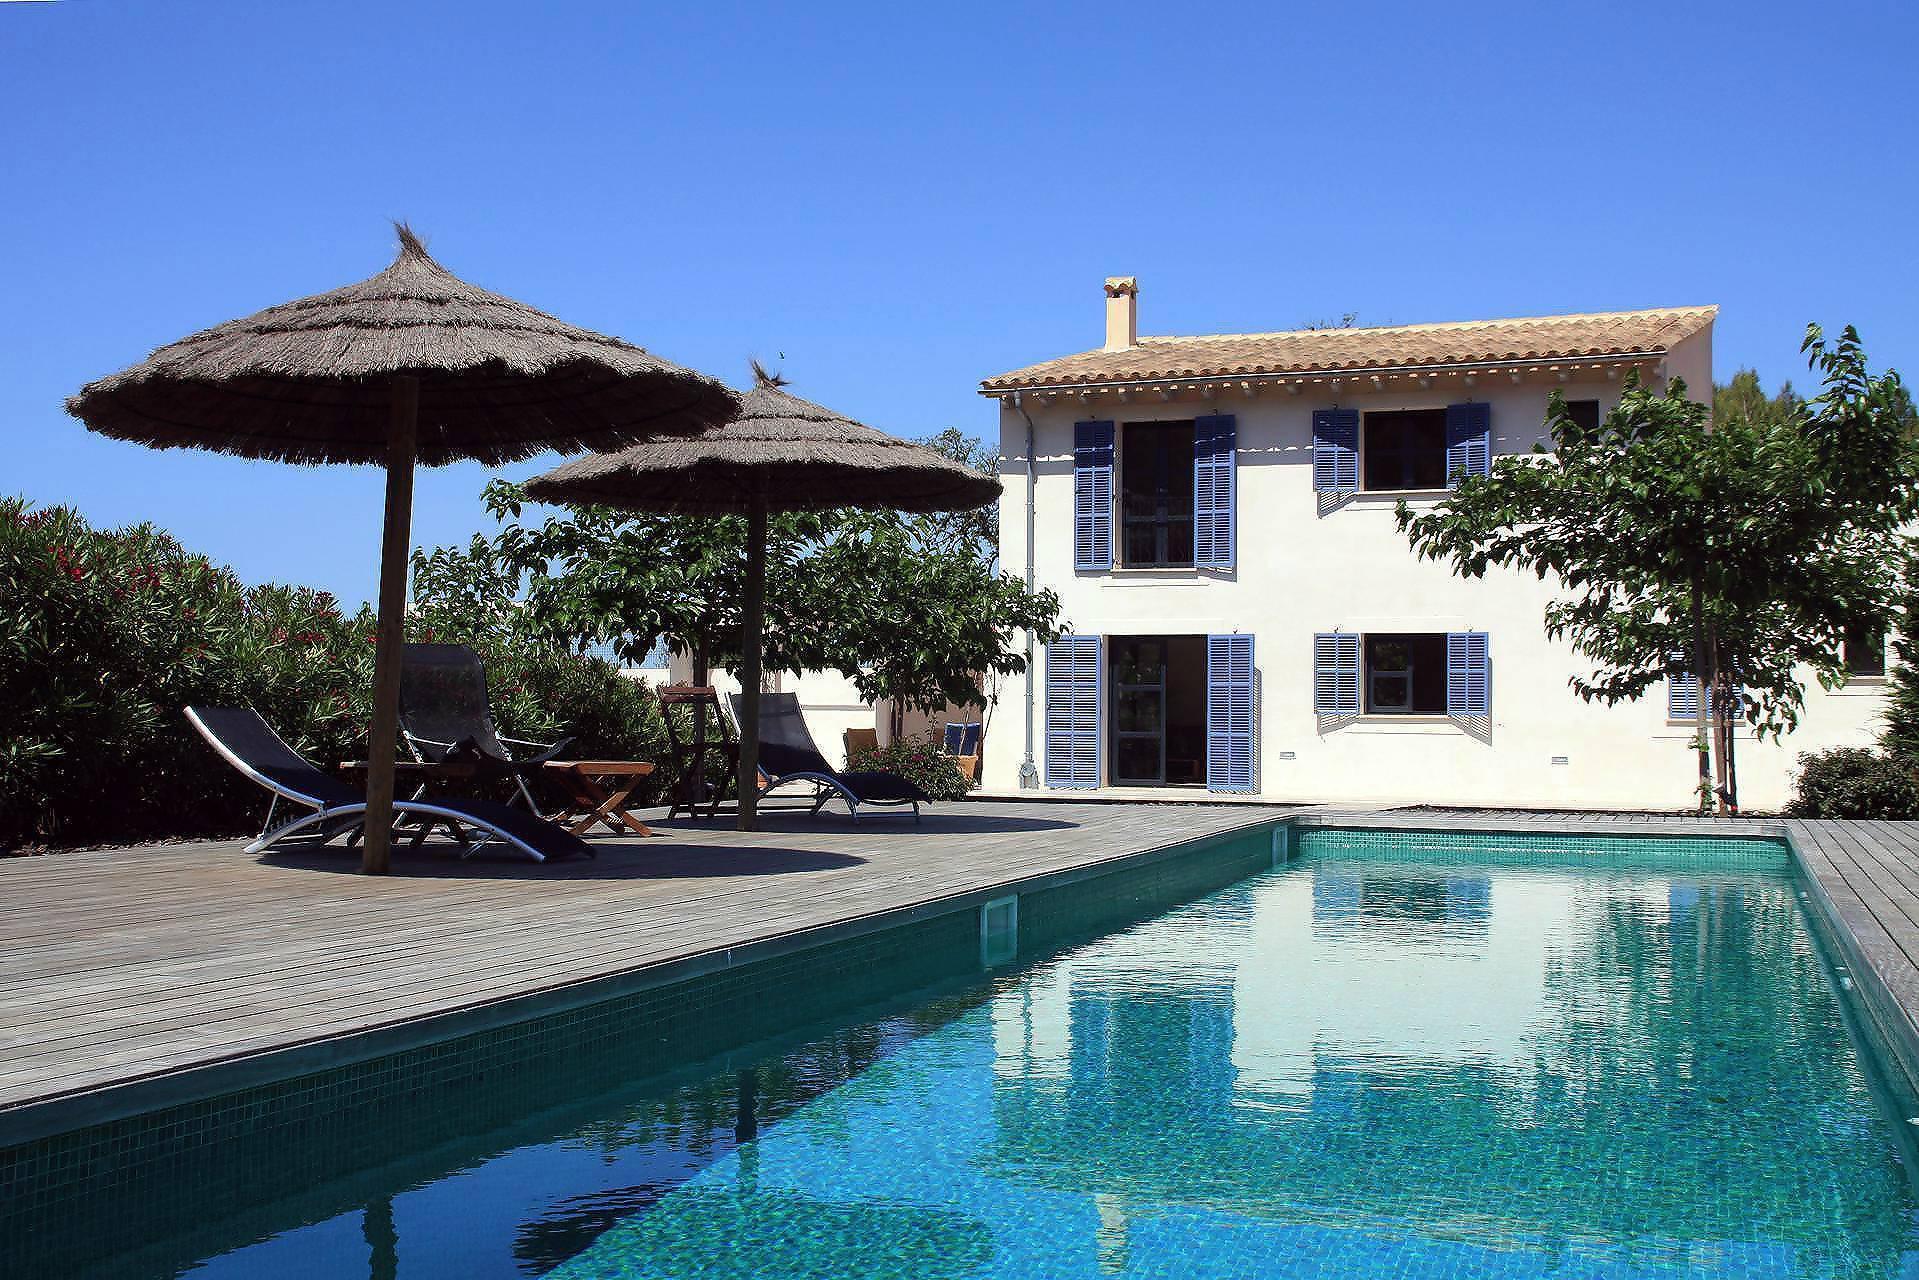 01-16 Bezaubernde Finca Mallorca Osten Bild 1